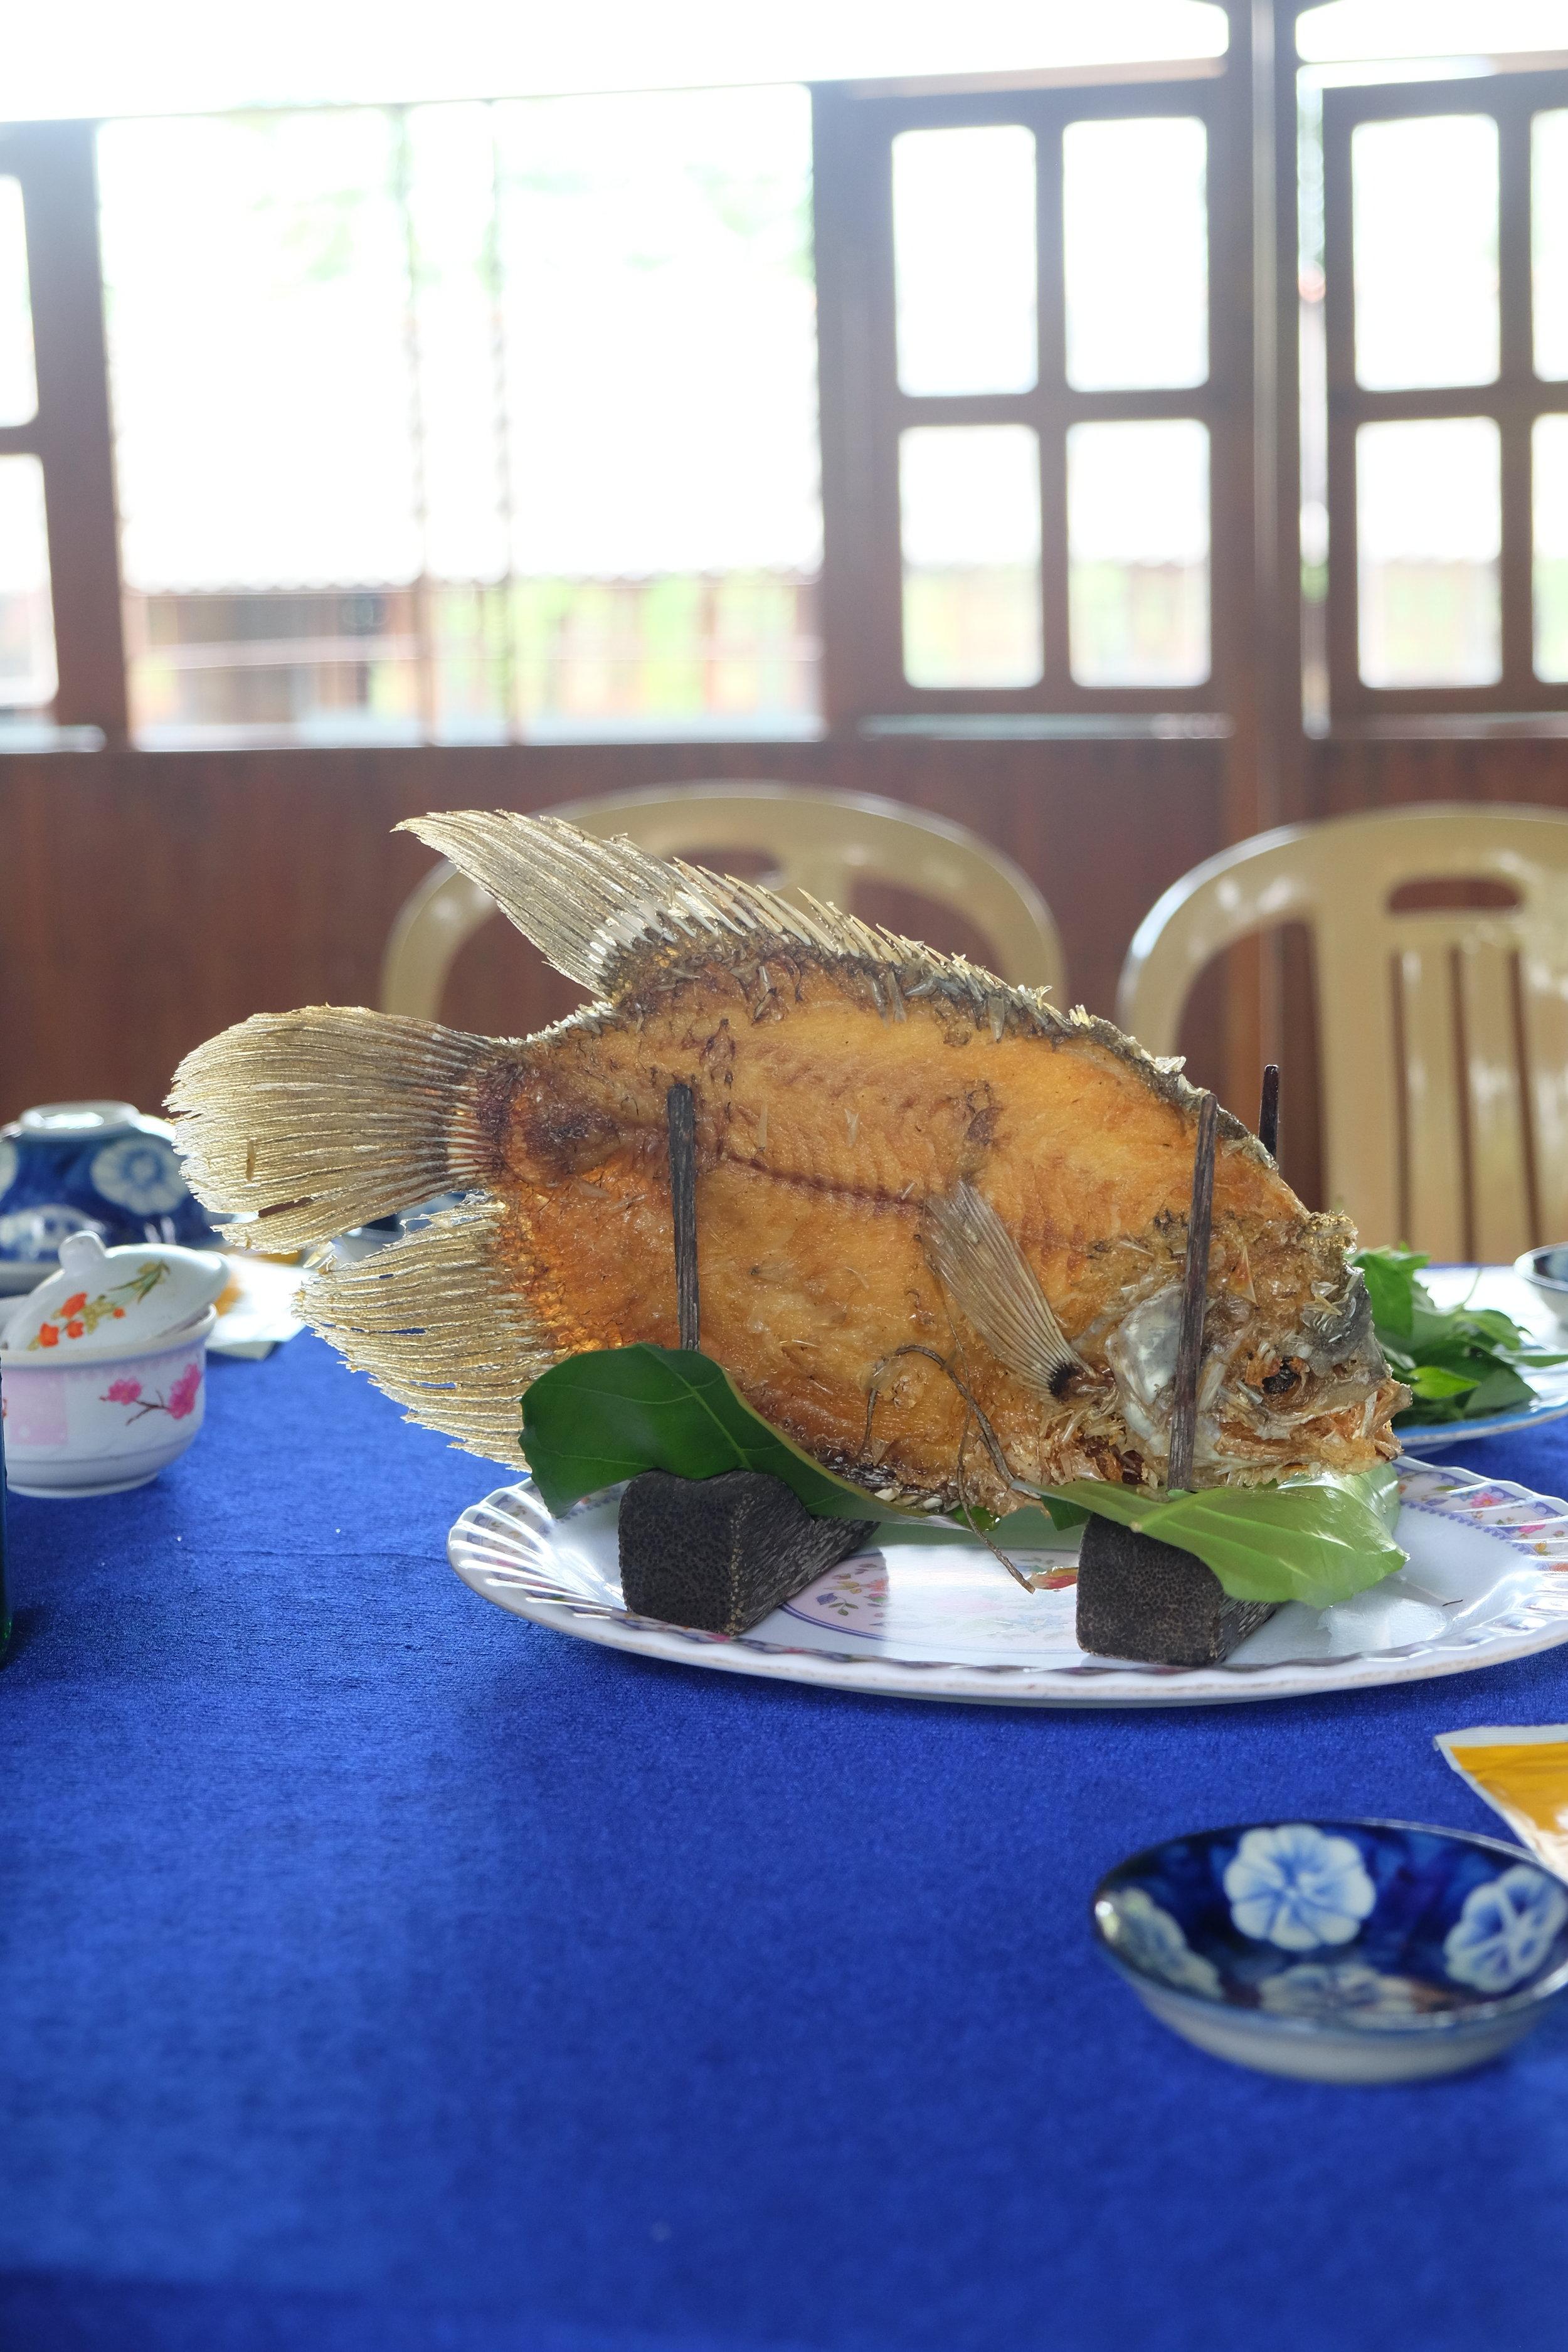 Mekong River Fish